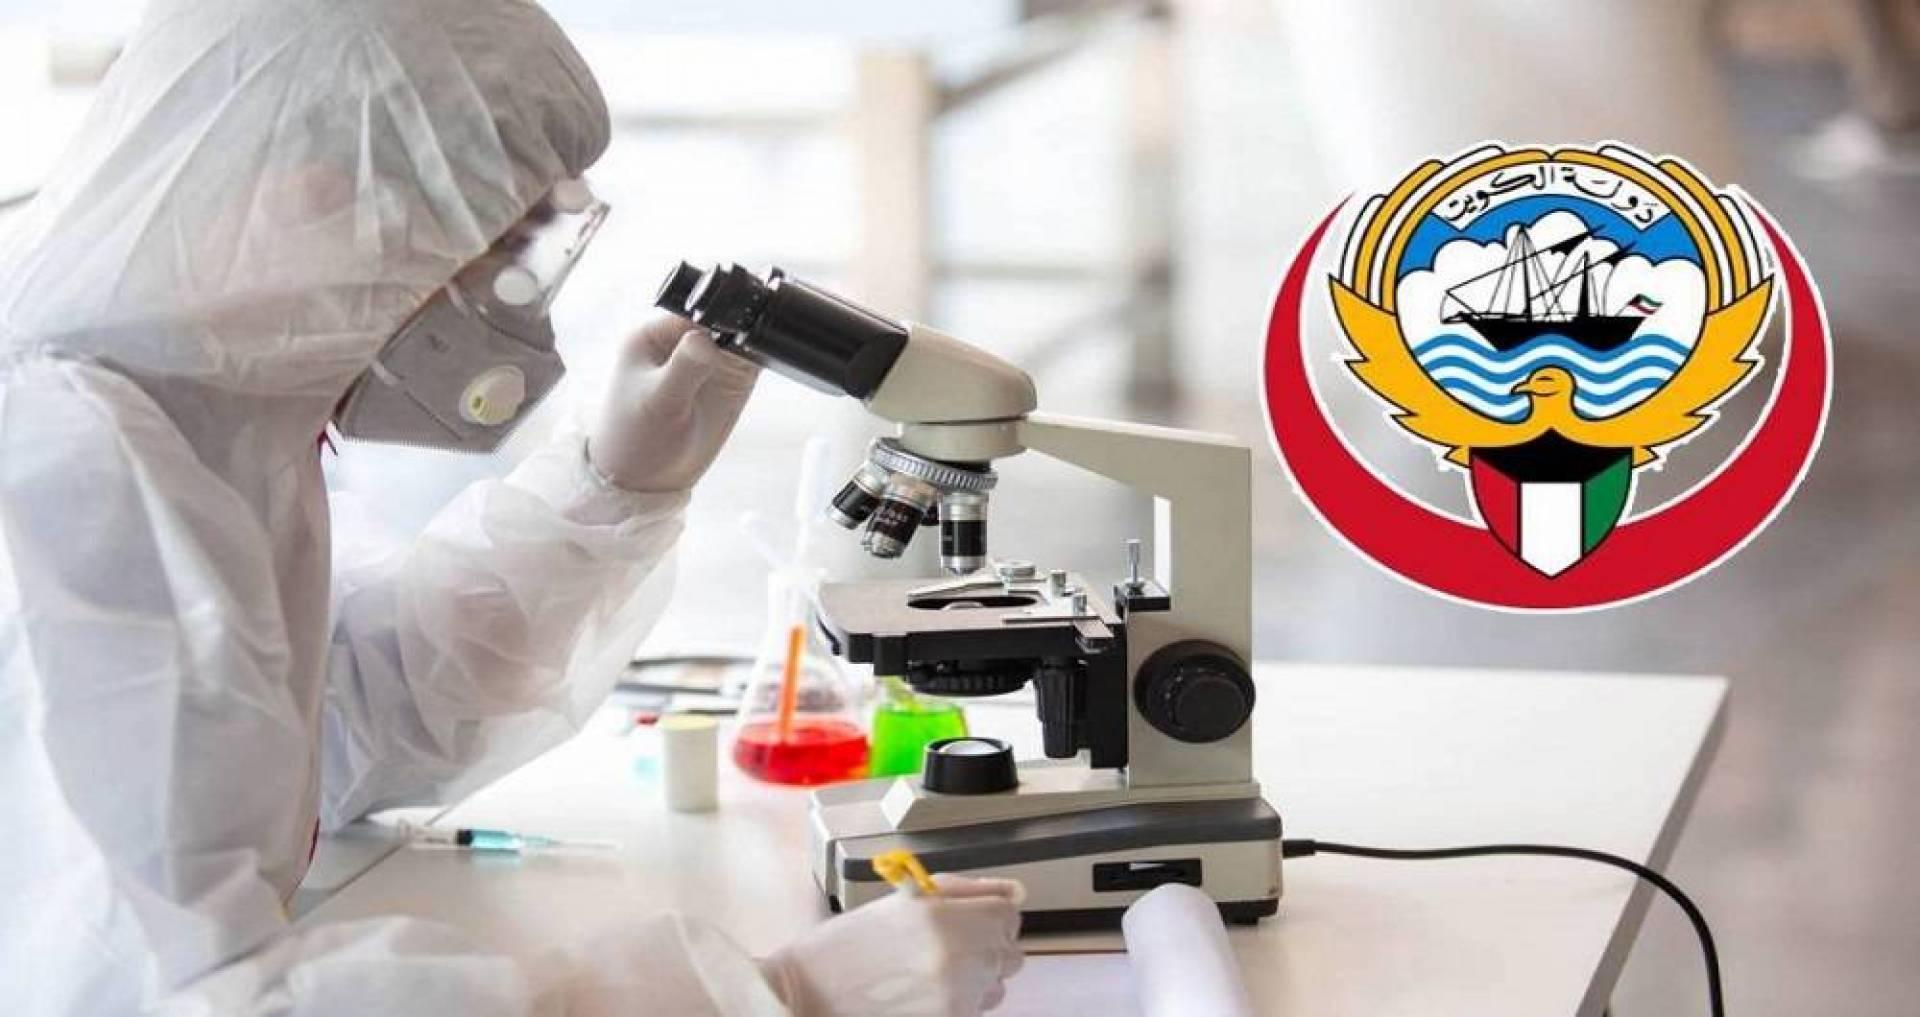 الصحة: شفاء 731 إصابة «كورونا» خلال 24 ساعة